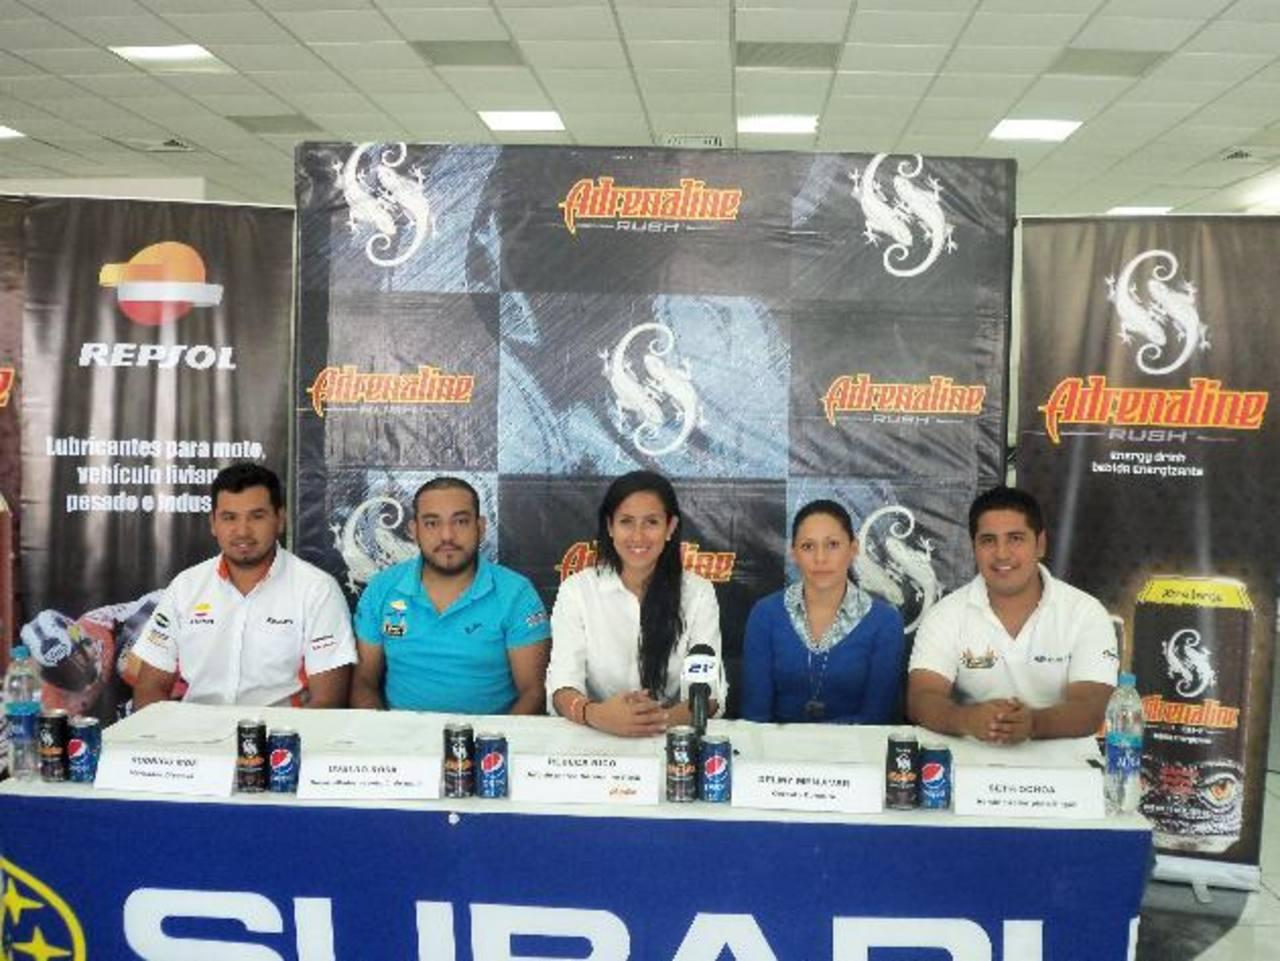 Durante la conferencia de prensa, los representantes invitaron a disfrutar de la carrera.